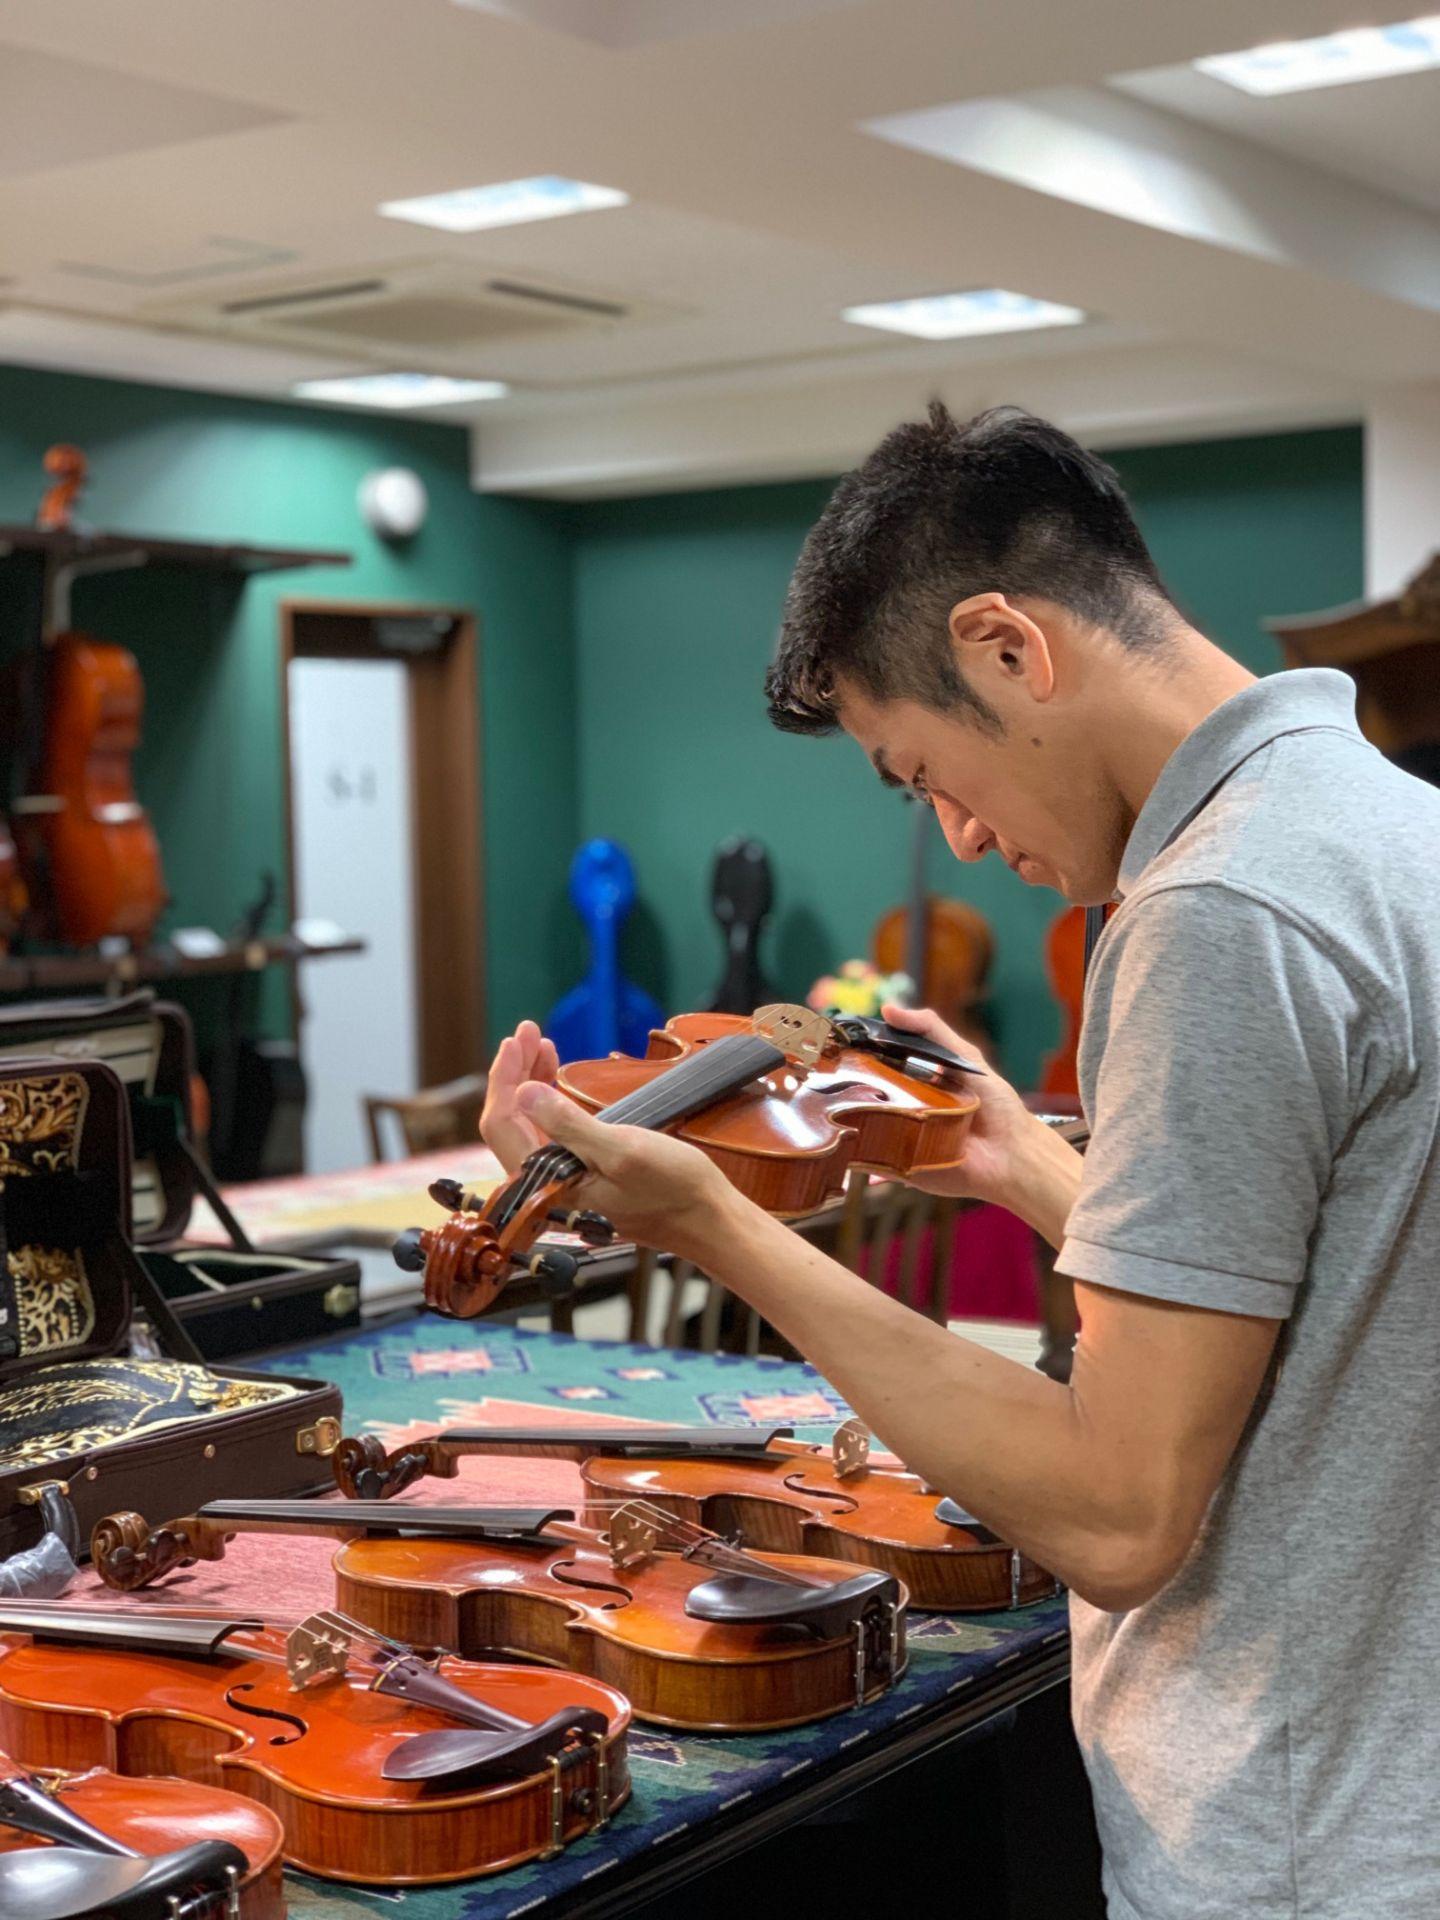 秋葉原の工房にて、欧州買付バイオリンを選定してきました